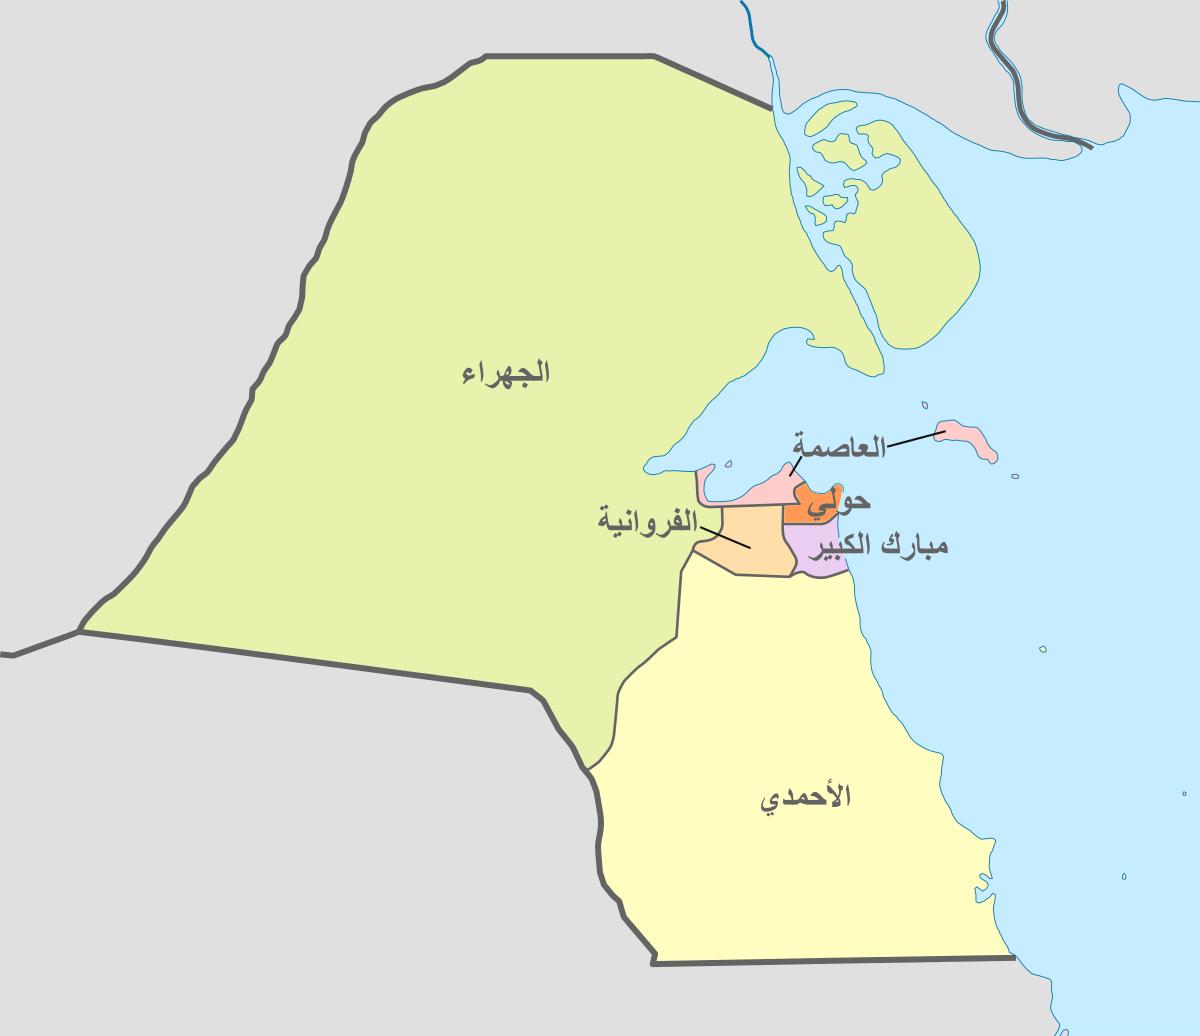 خريطة مناطق الكويت